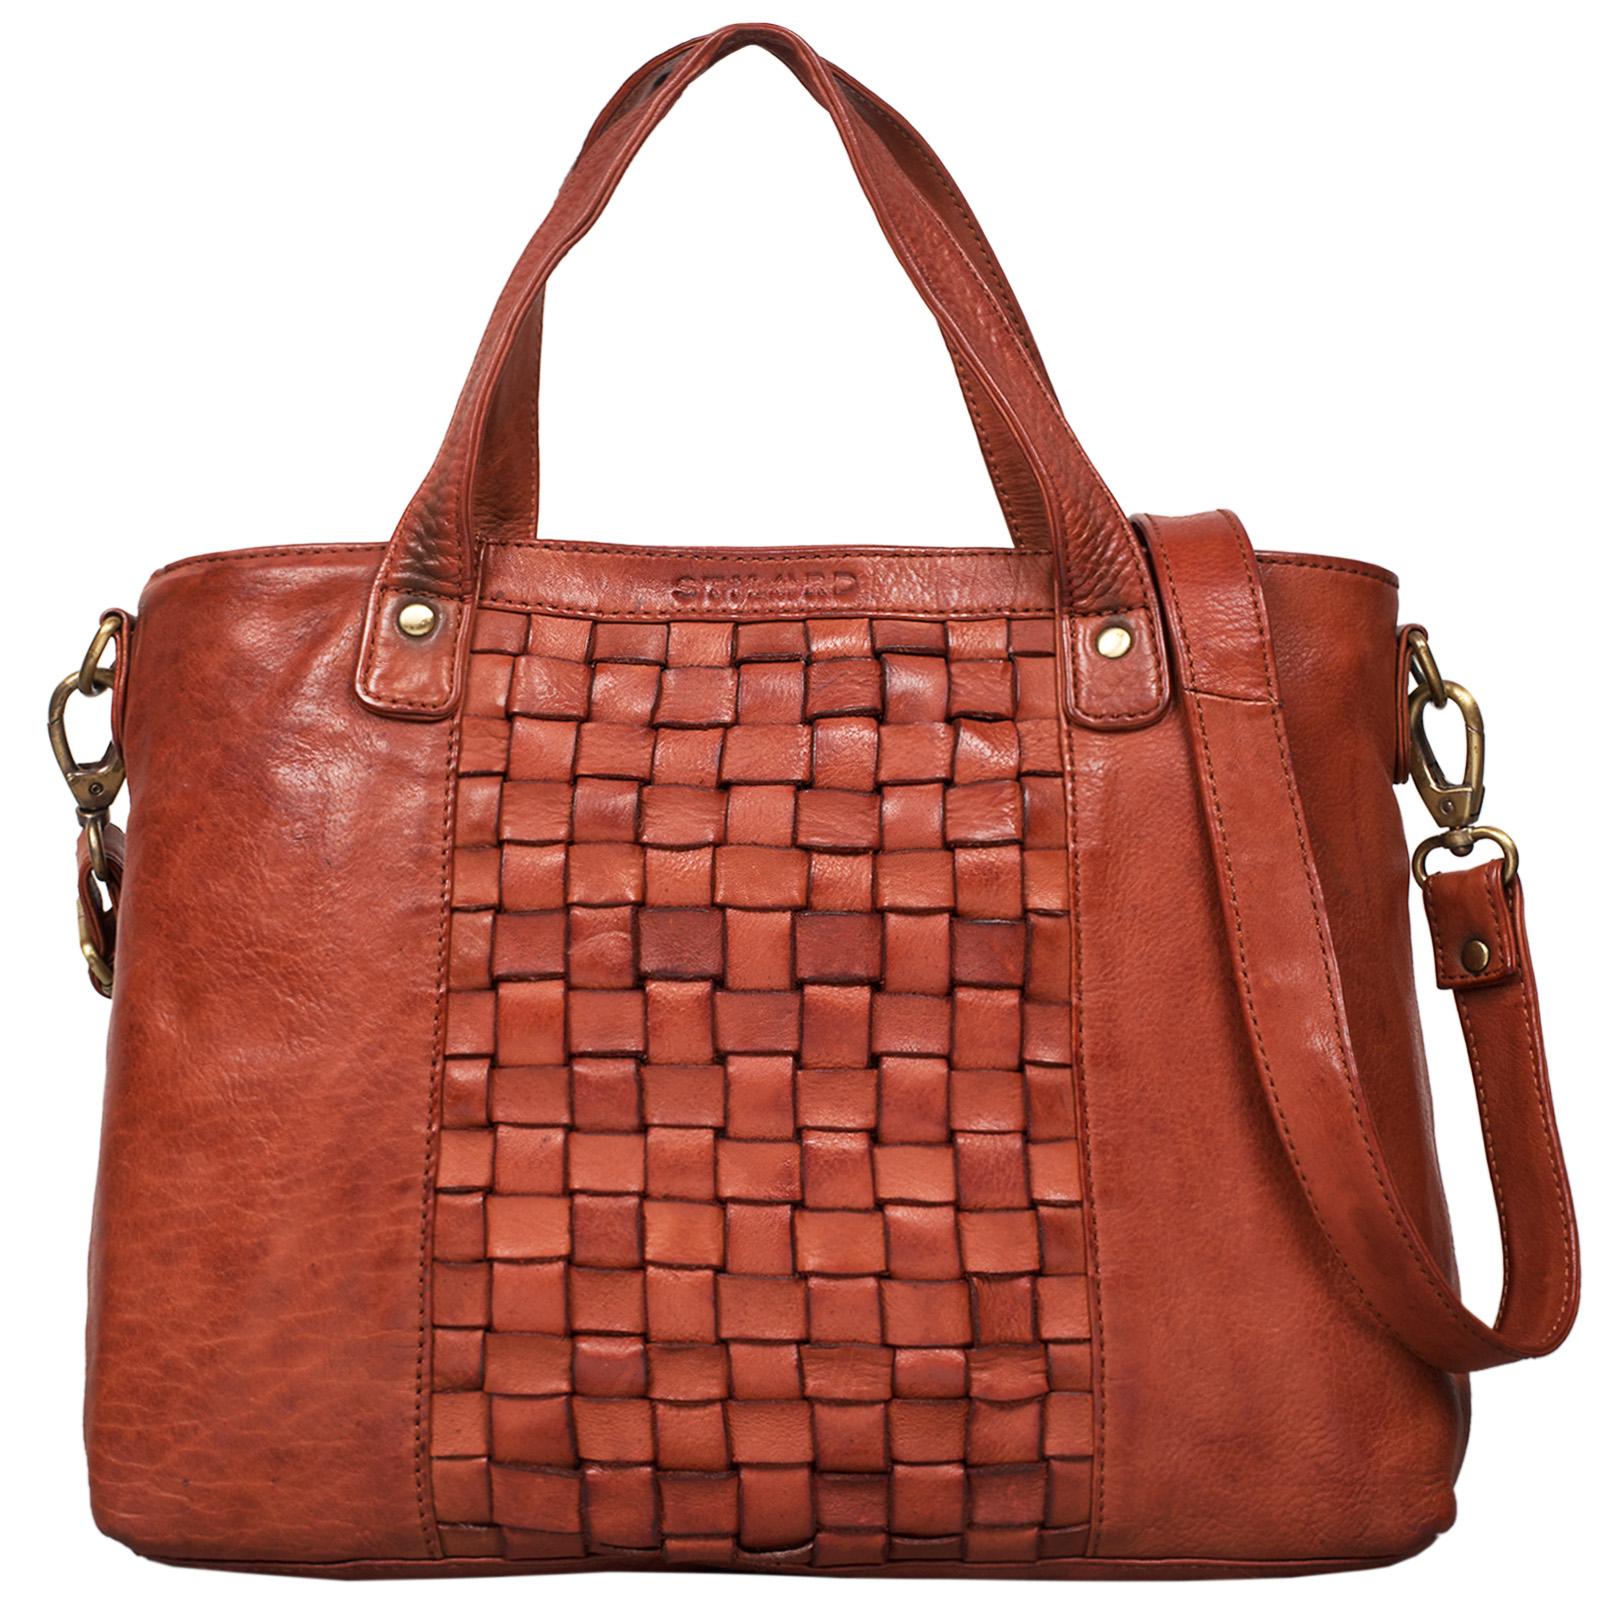 """STILORD """"Mara"""" Elegante Handtasche geflochtenes Leder mit abnehmbaren Schulterriemen Abendtasche Ausgehtasche Echtleder - Bild 16"""